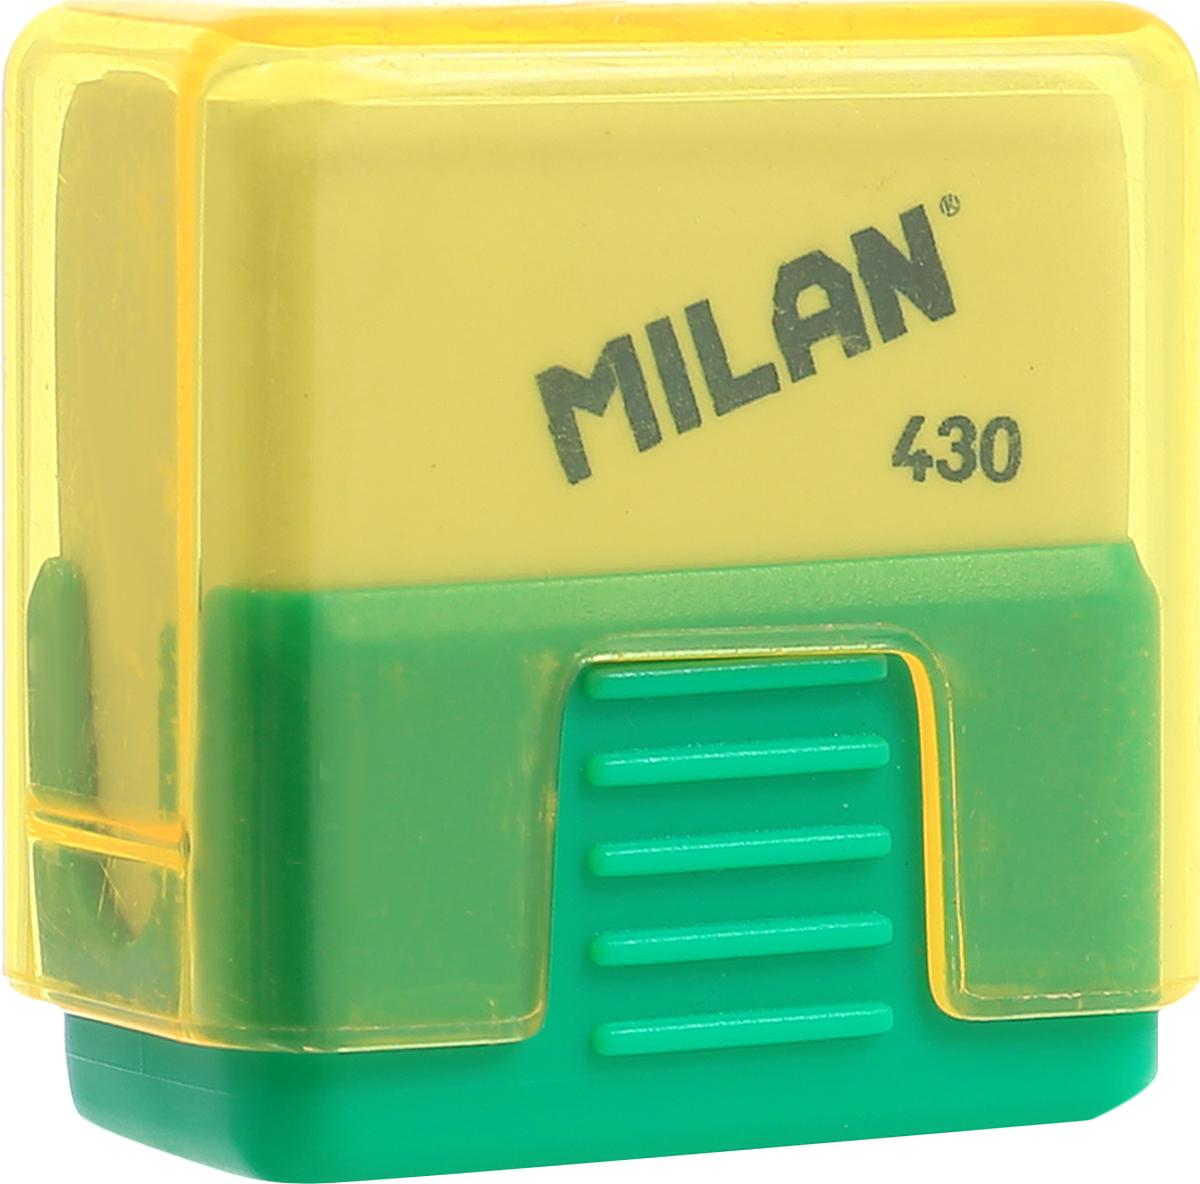 Ластик Milan School 430, цвет в ассортименте все цены